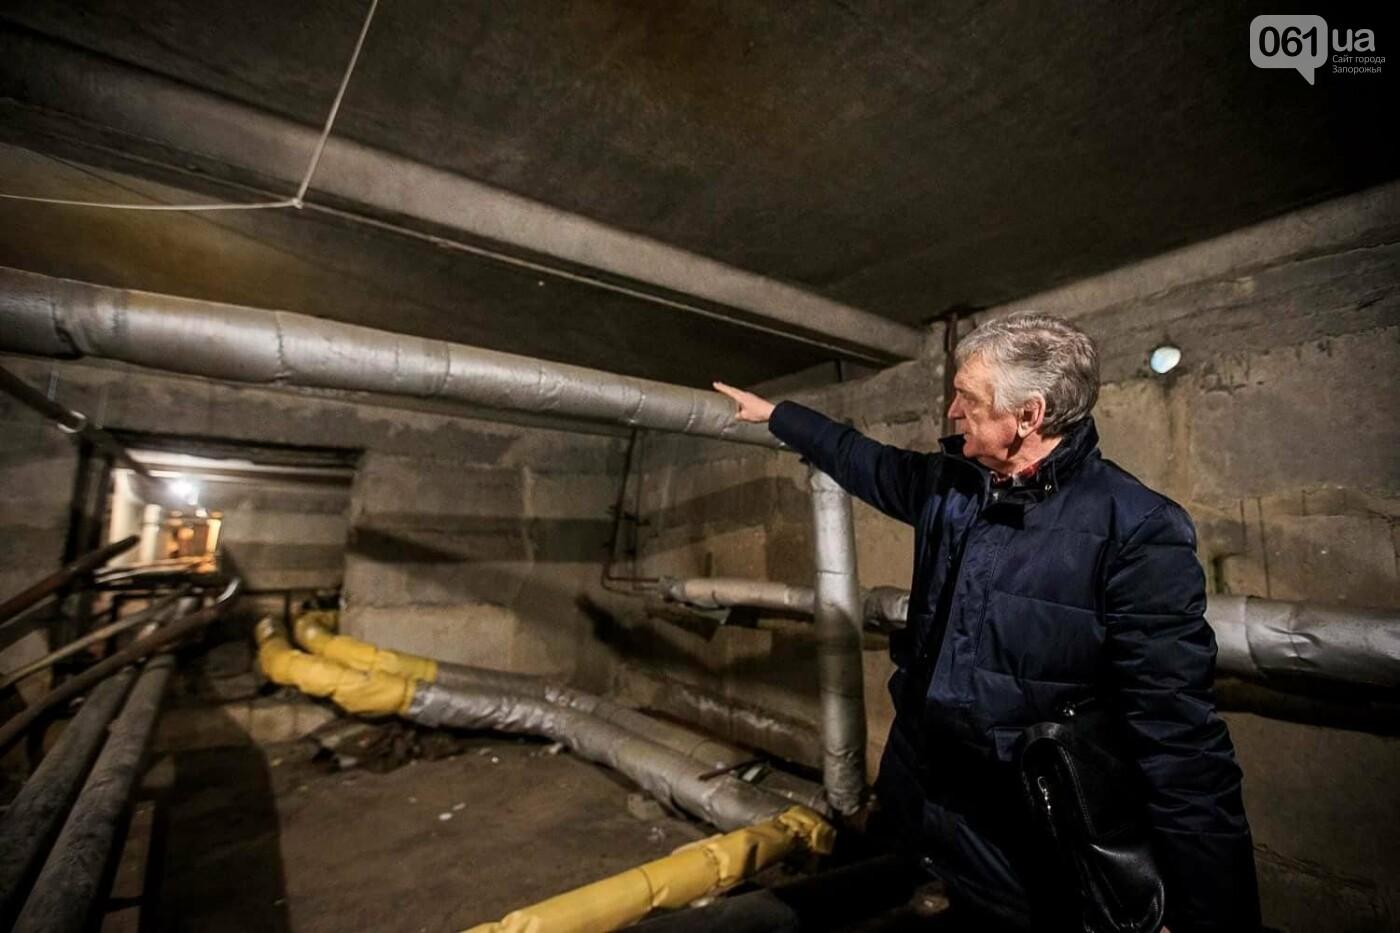 Сам себе хозяин: как запорожские ОСМД занимаются энергосбережением и значительно экономят на тарифах, — ФОТО, фото-56